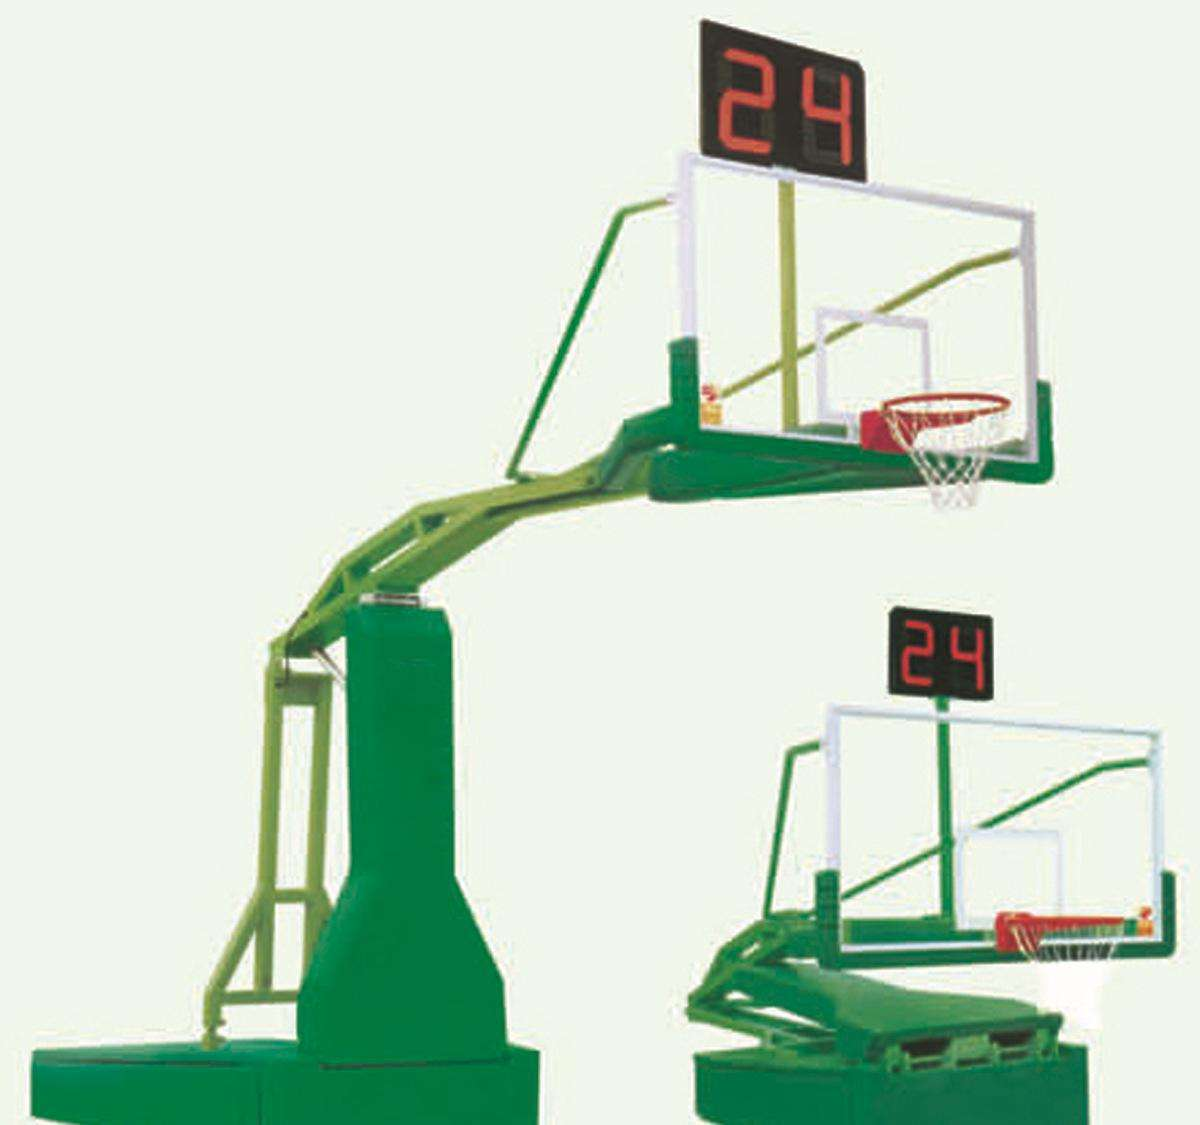 独臂篮球架,河北专业生产独臂篮球架厂家,河北哪里有独臂篮球架厂家